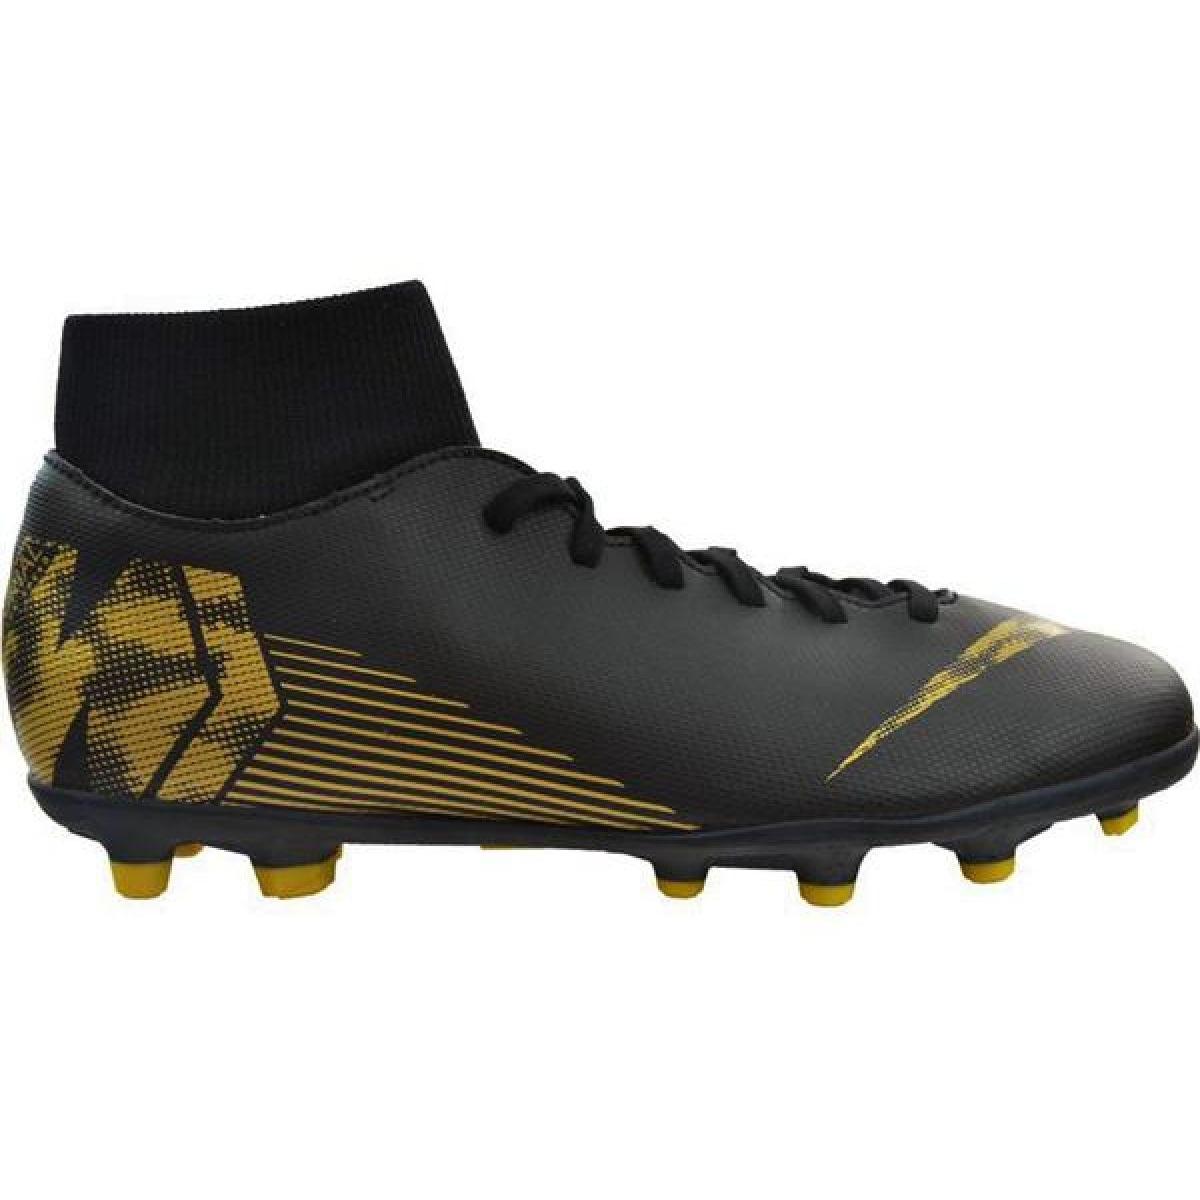 Zapatillas de fútbol Nike Mercurial Superfly 6 Club Mg M AH7363 077 negro negro